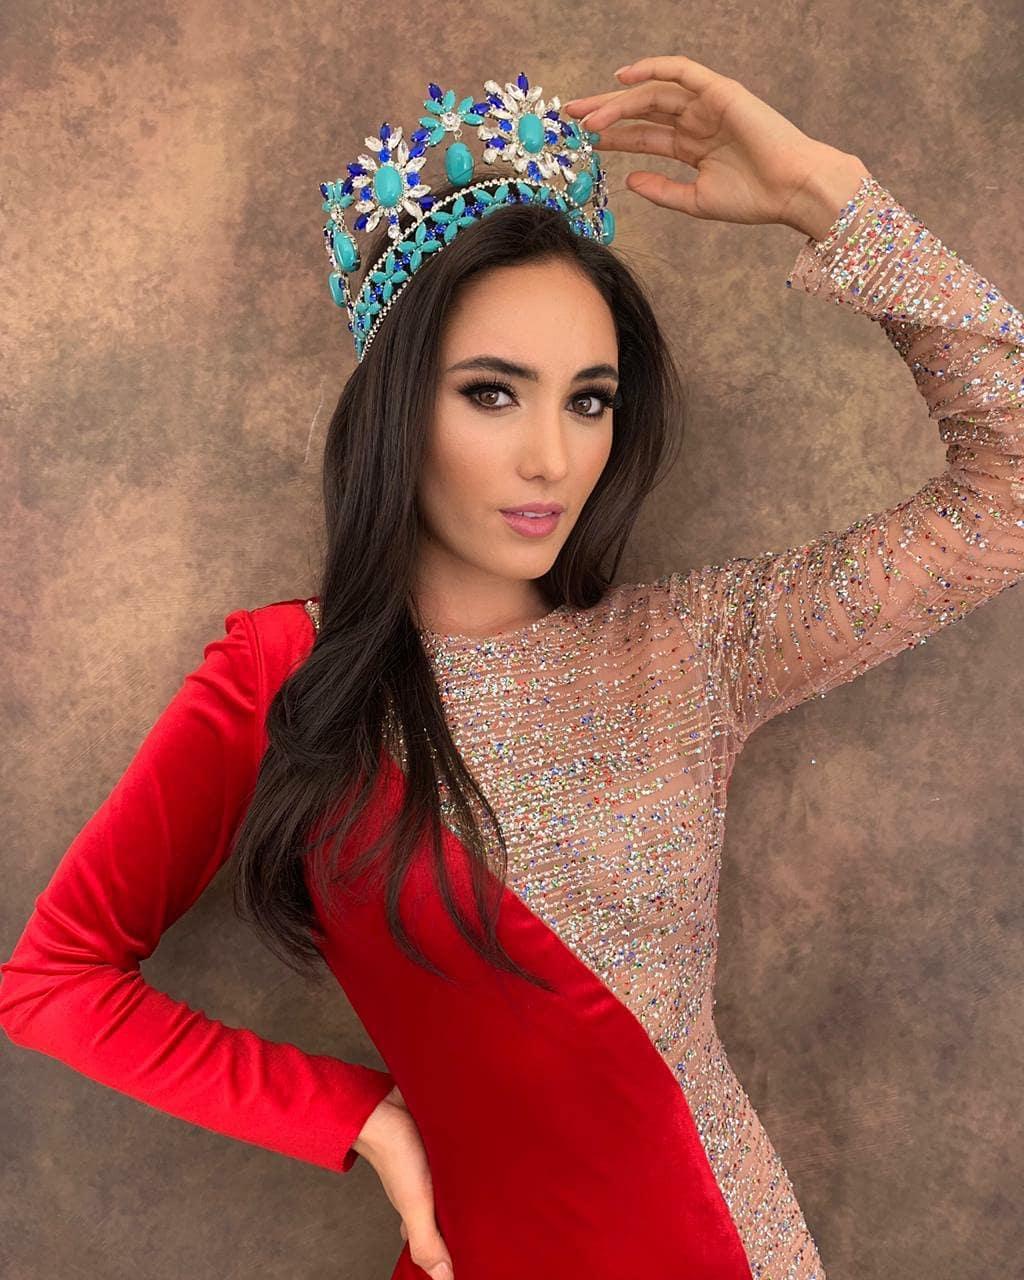 karolina vidales, candidata a miss mexico 2020, representando michoacan. 88183111